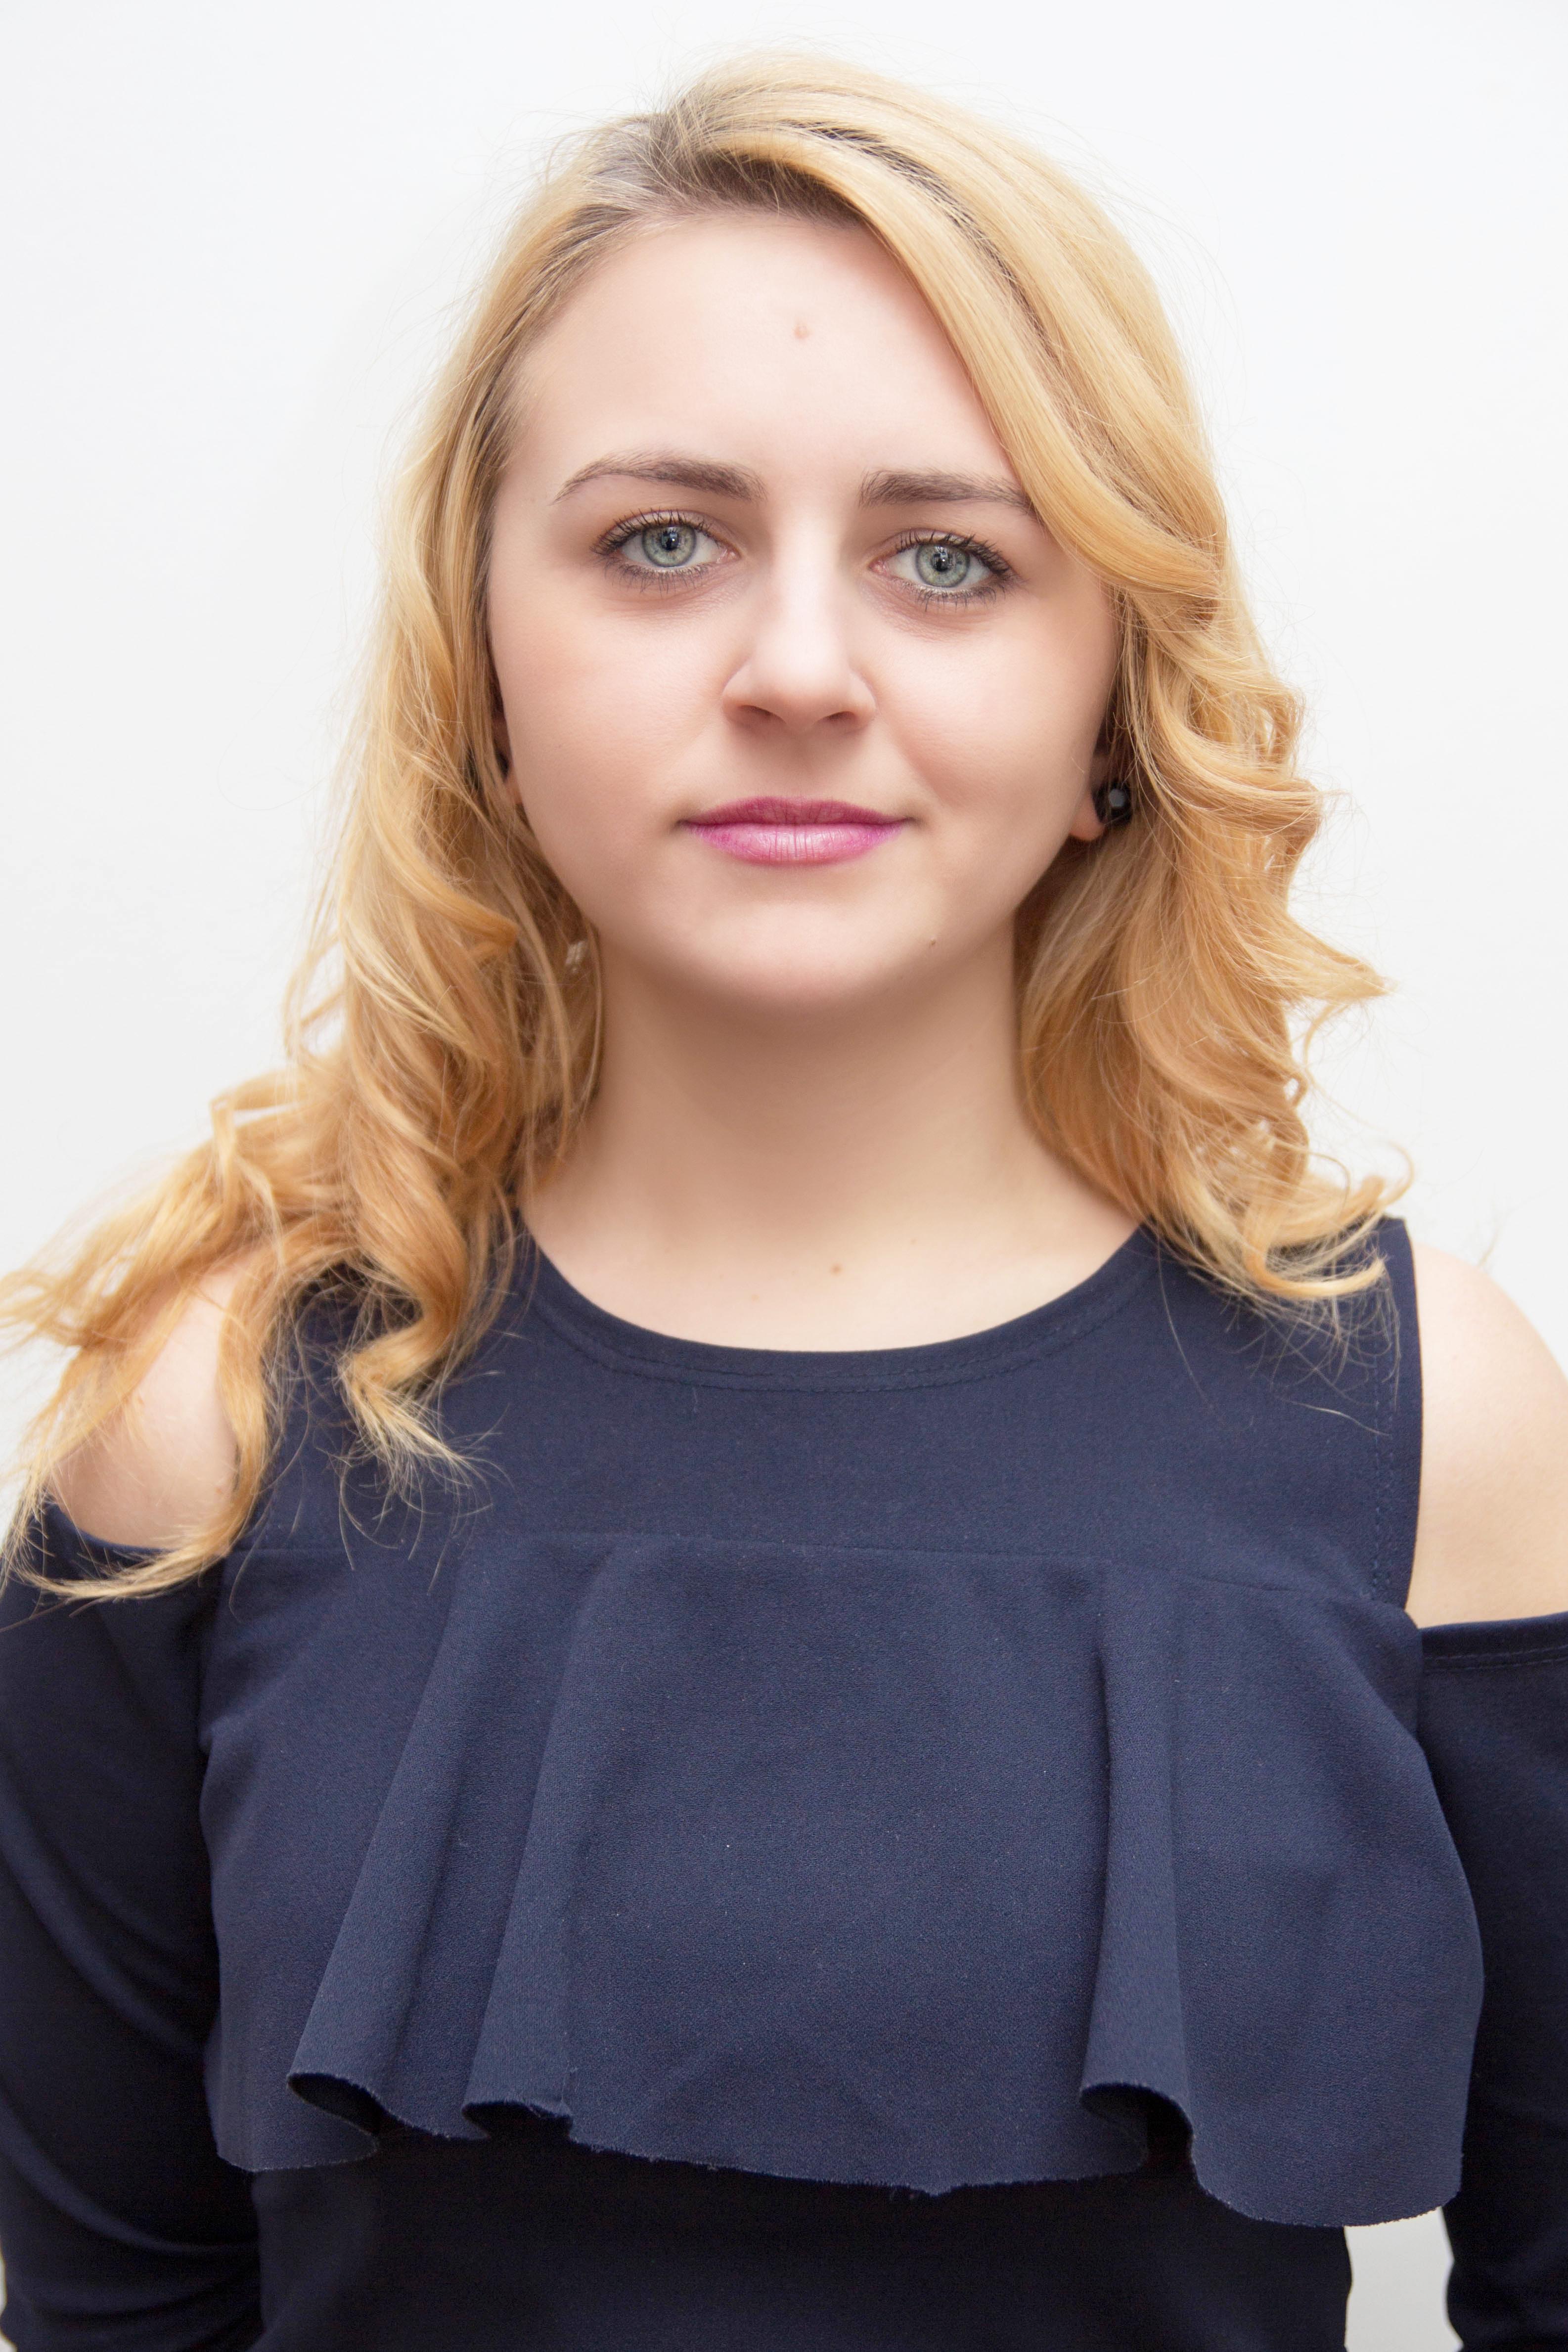 Kamila Andrzejewska